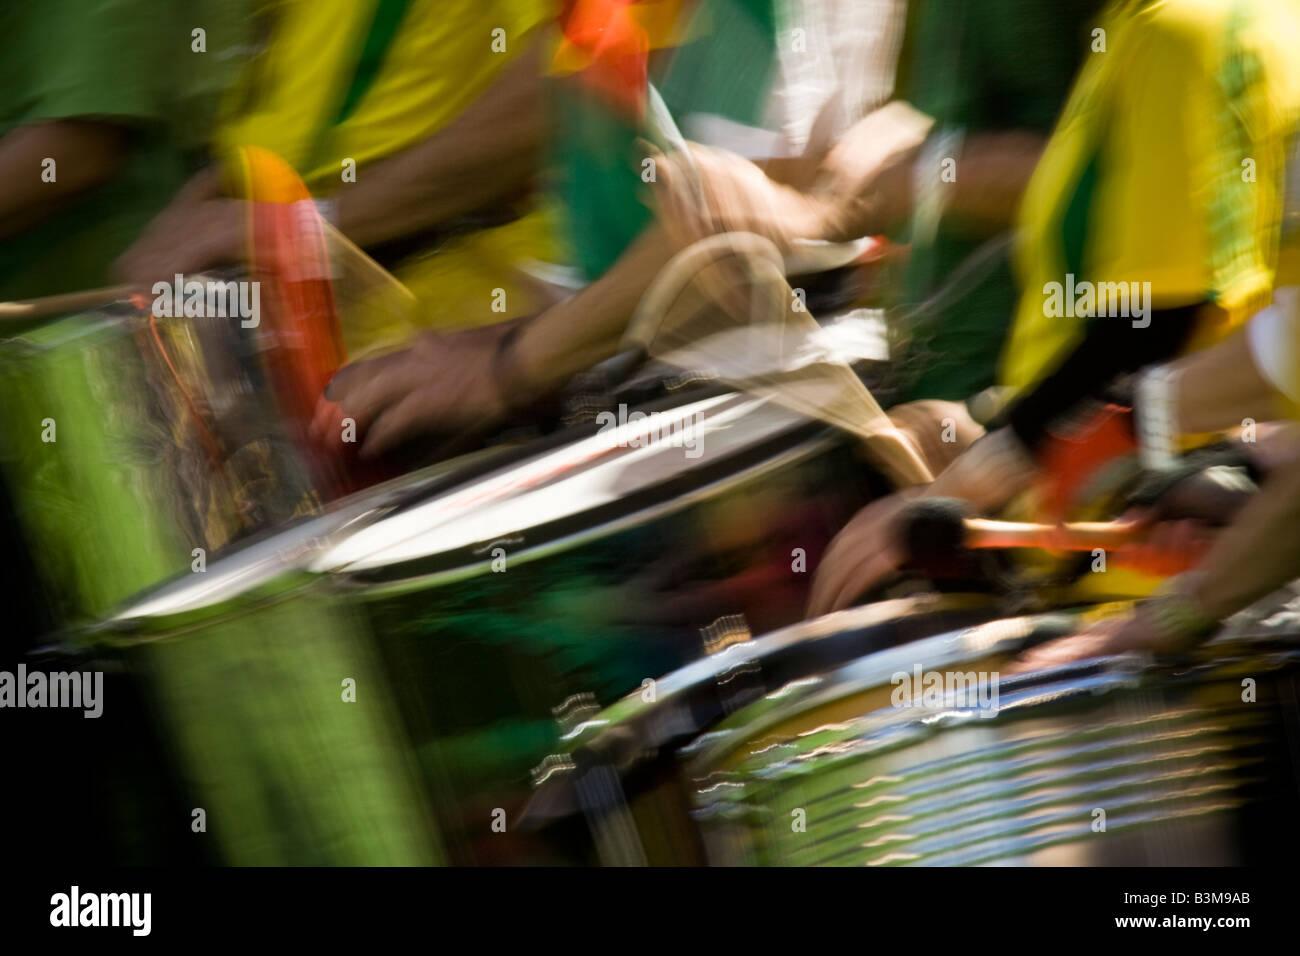 Il Dalai Lama s visita a Seattle 04 12 2008 Seattle Qwest Field Taiko batteristi parte della Processione delle culture Immagini Stock